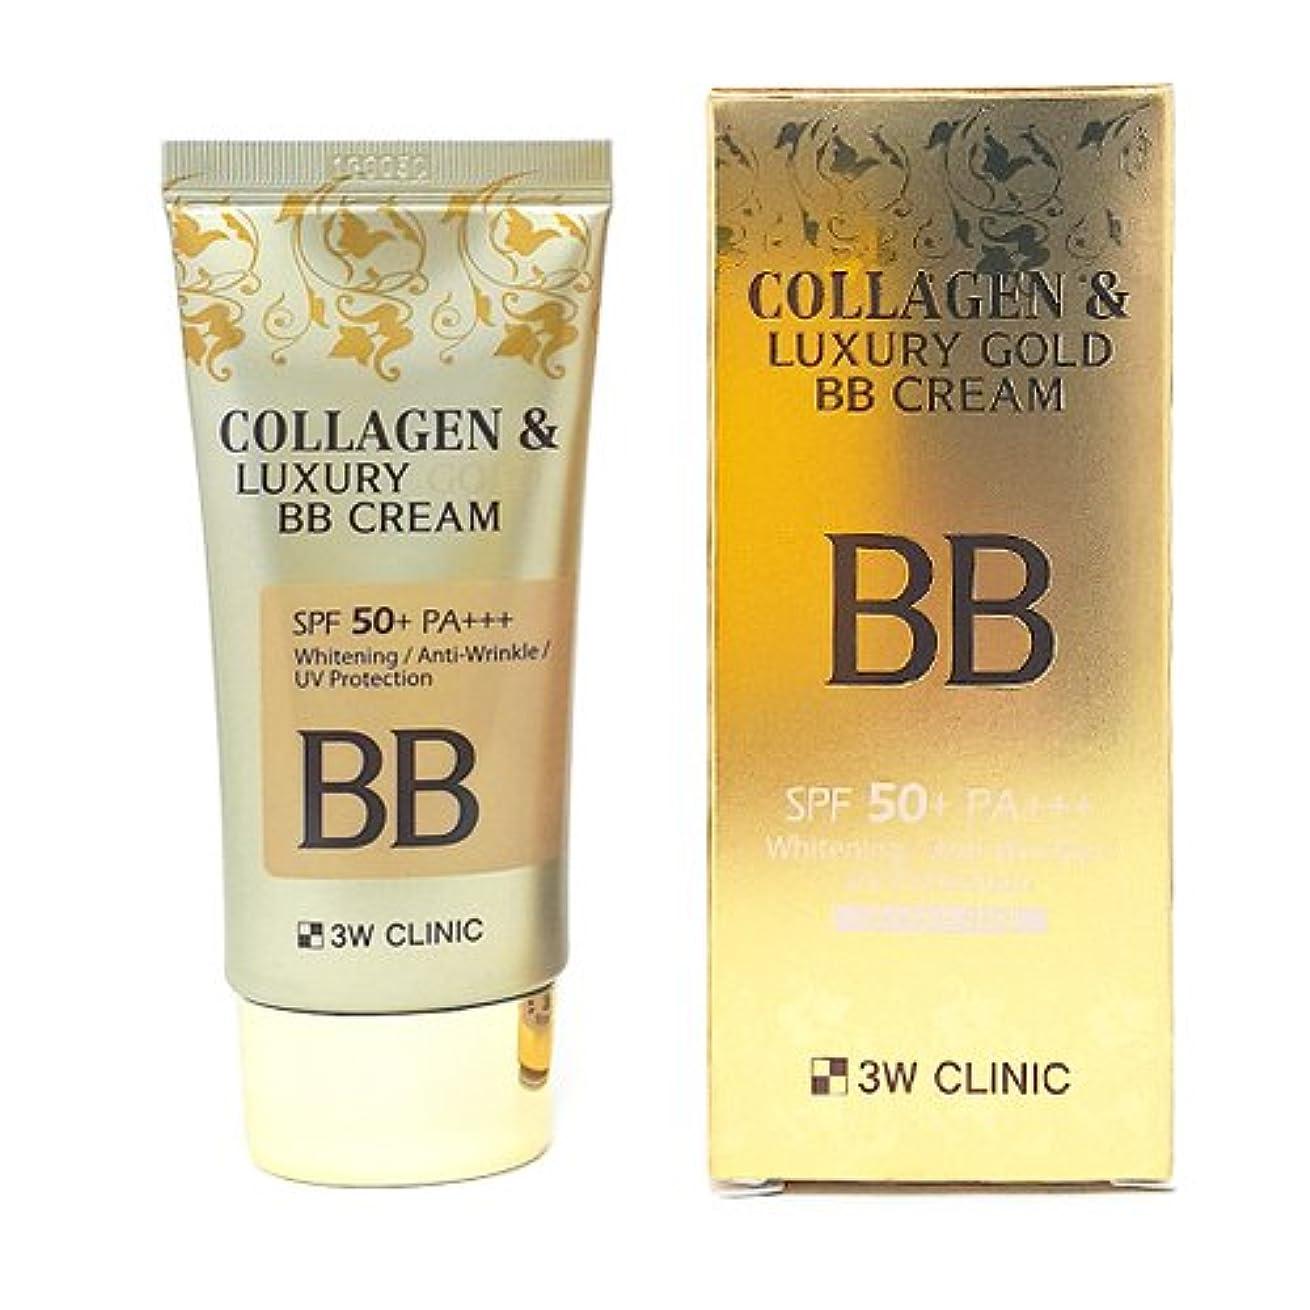 フレア悲しむノーブル3Wクリニック[韓国コスメ3w Clinic]Collagen & Luxury Gold BB Cream コラーゲンラグジュアリーゴールド BBクリーム50ml 50+/PA+++[並行輸入品]